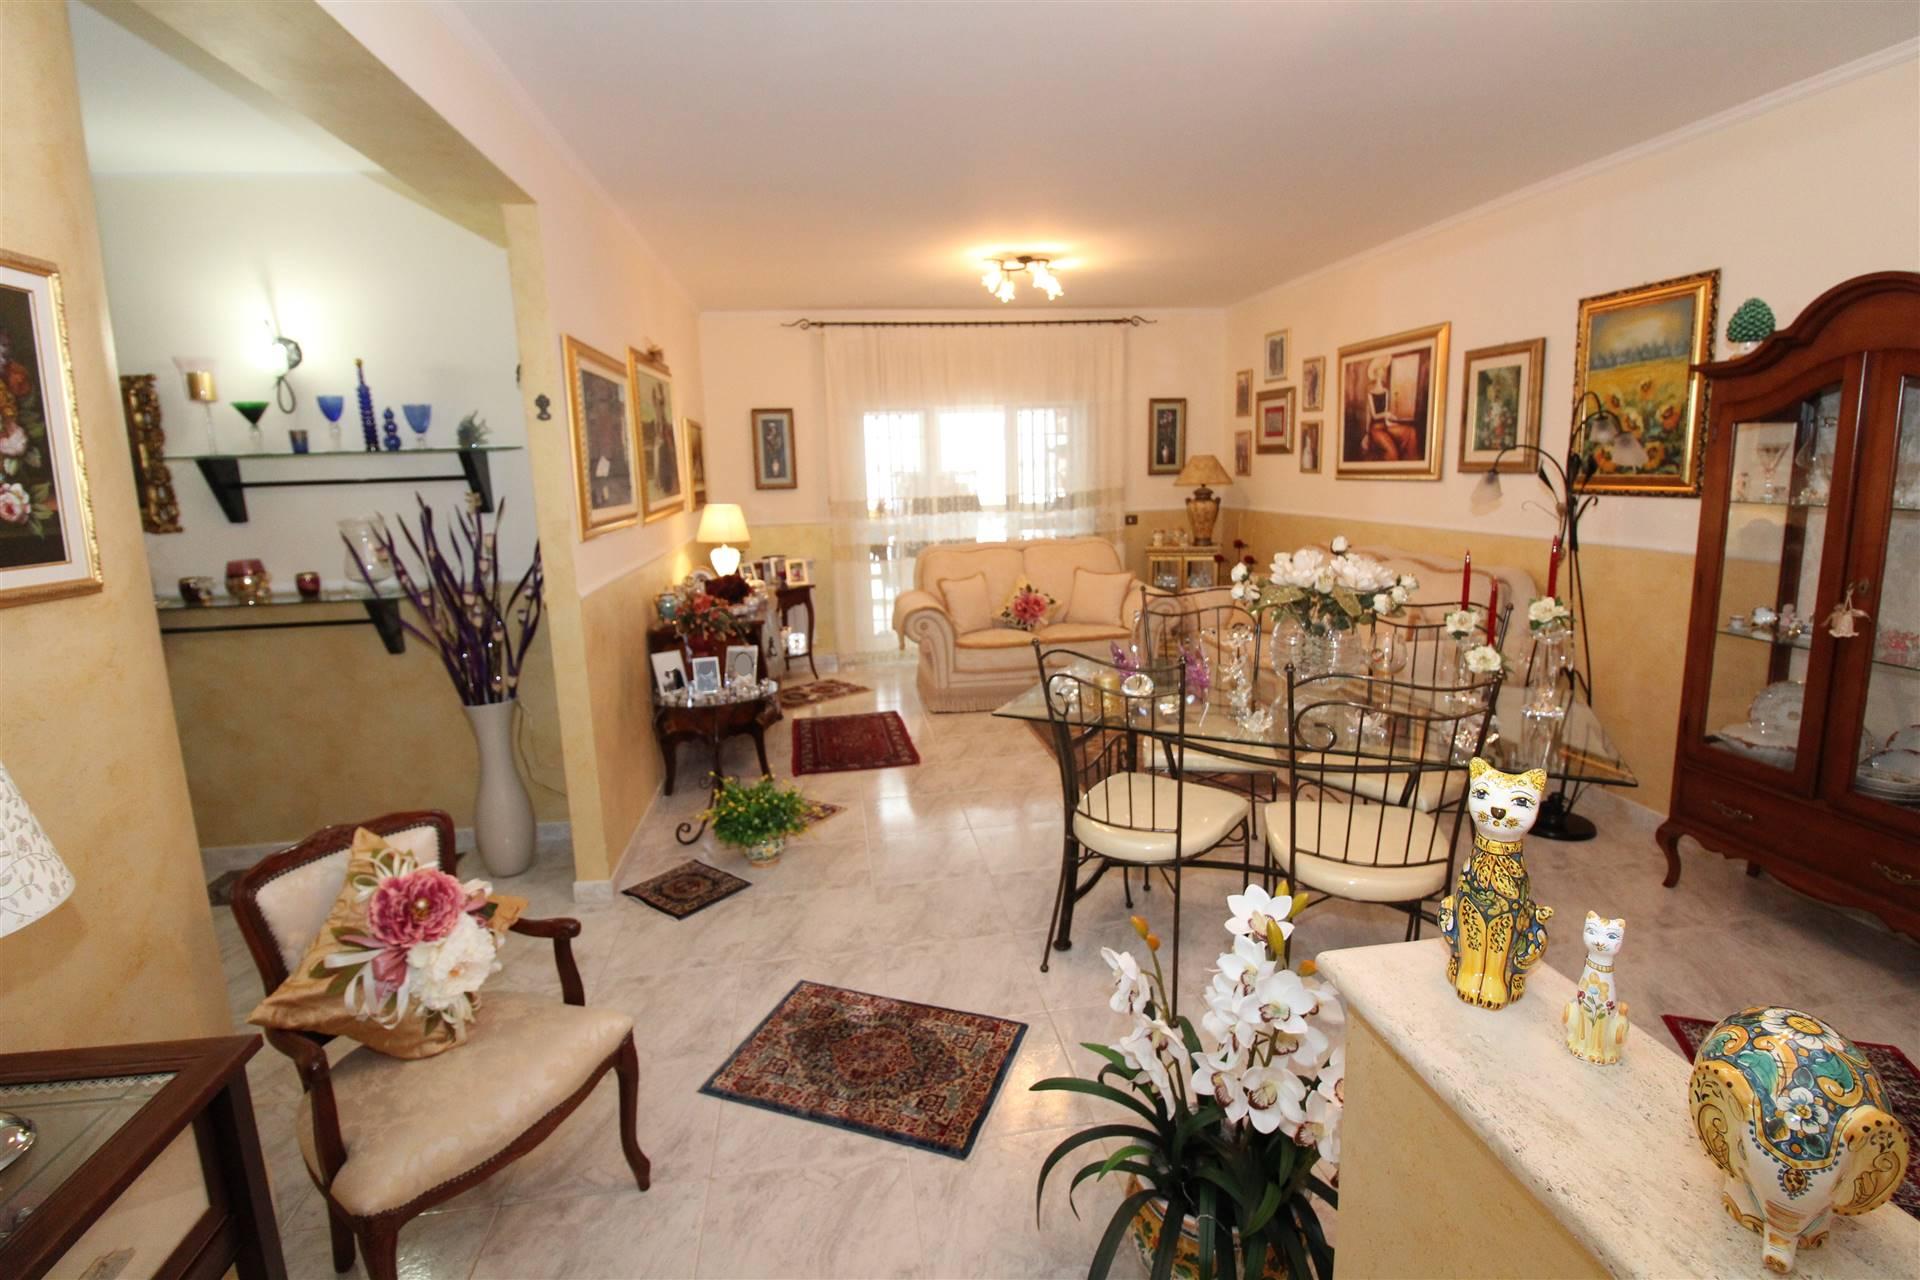 Appartamento in vendita a Lentini, 4 locali, zona Località: 167, prezzo € 110.000 | CambioCasa.it